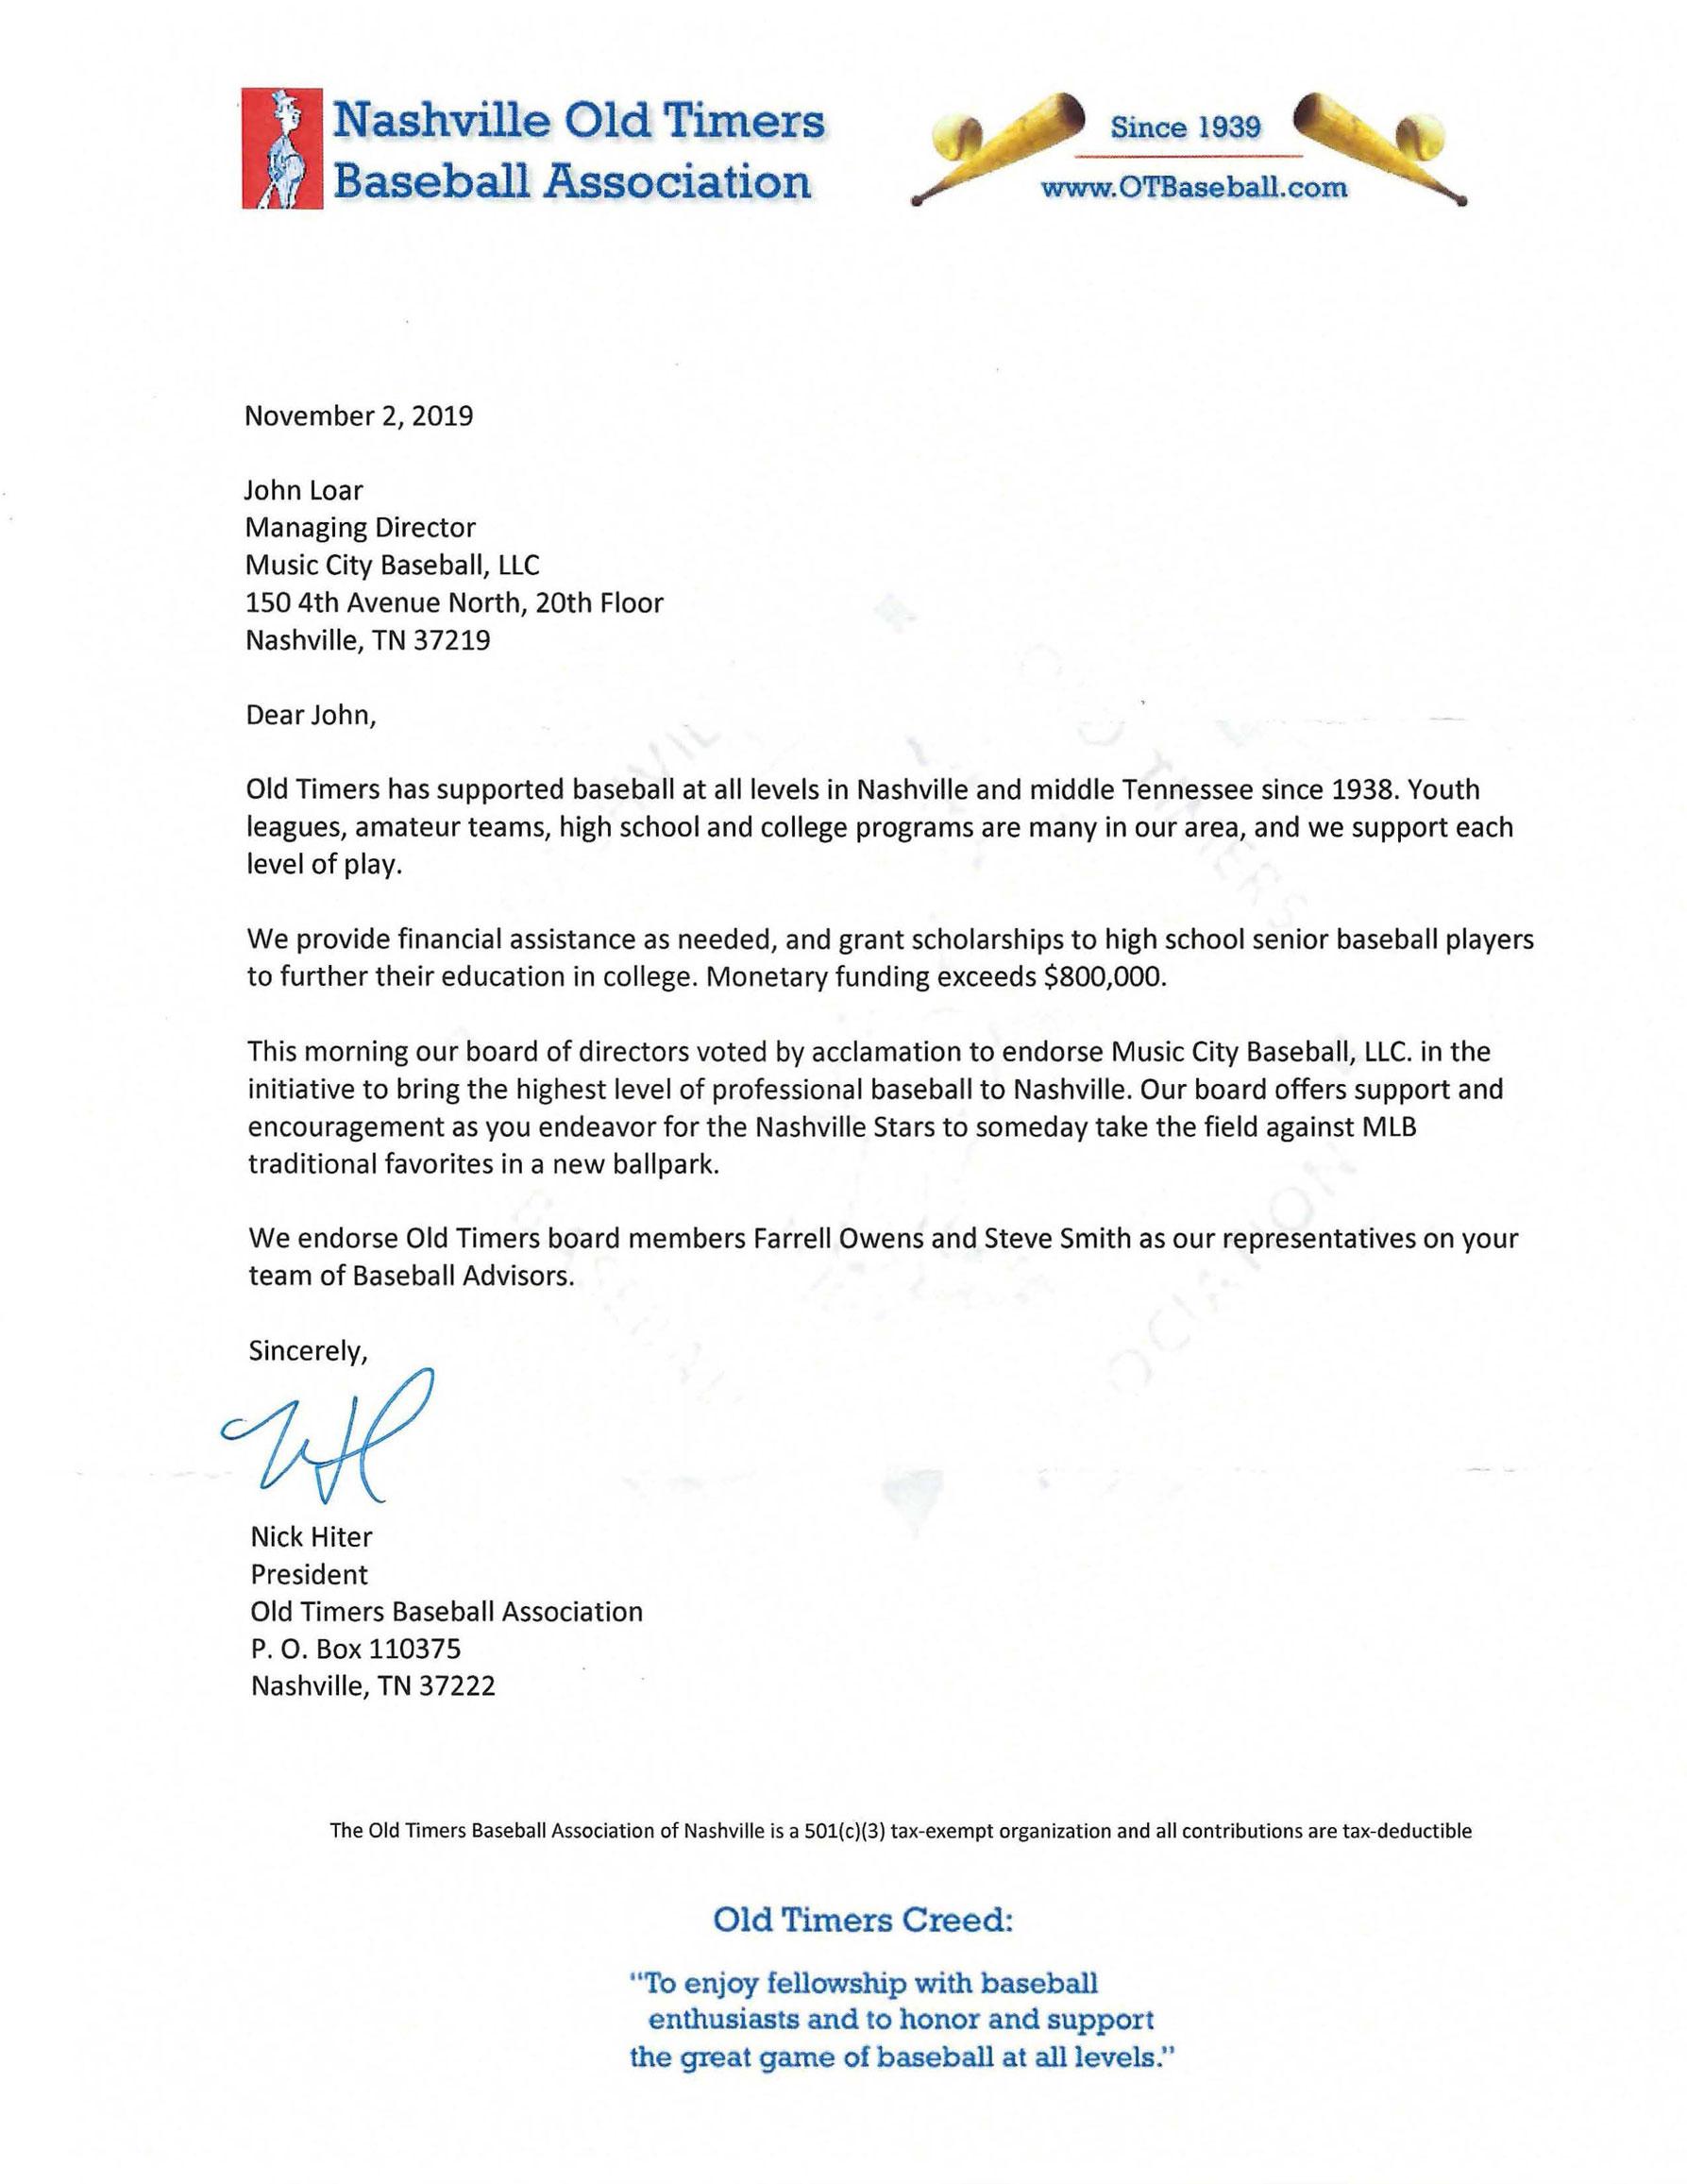 Nashville Old Timers Baseball Association Letter